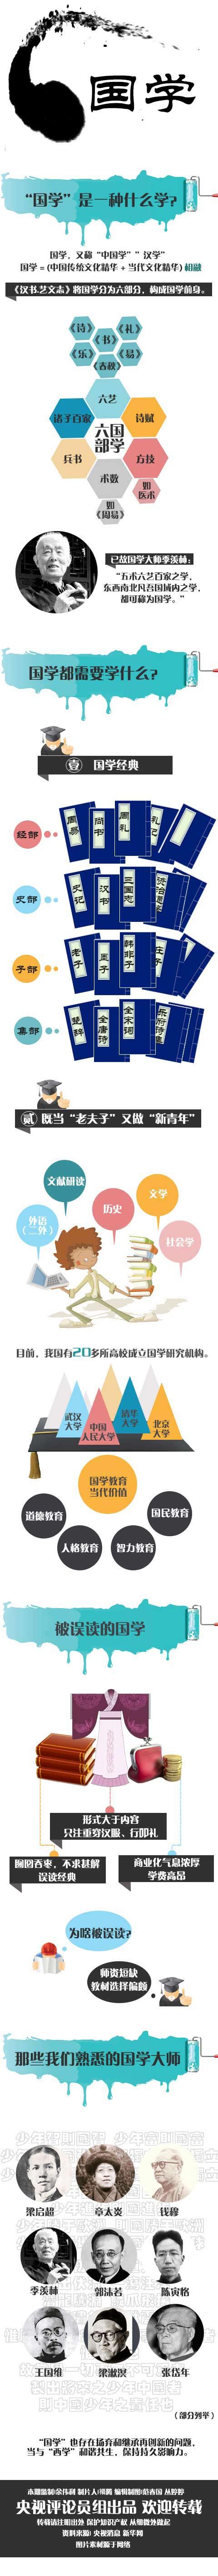 """【2014.9.11转帖】原来""""国学""""是这样的 - 老倪 - 老倪 的博客"""